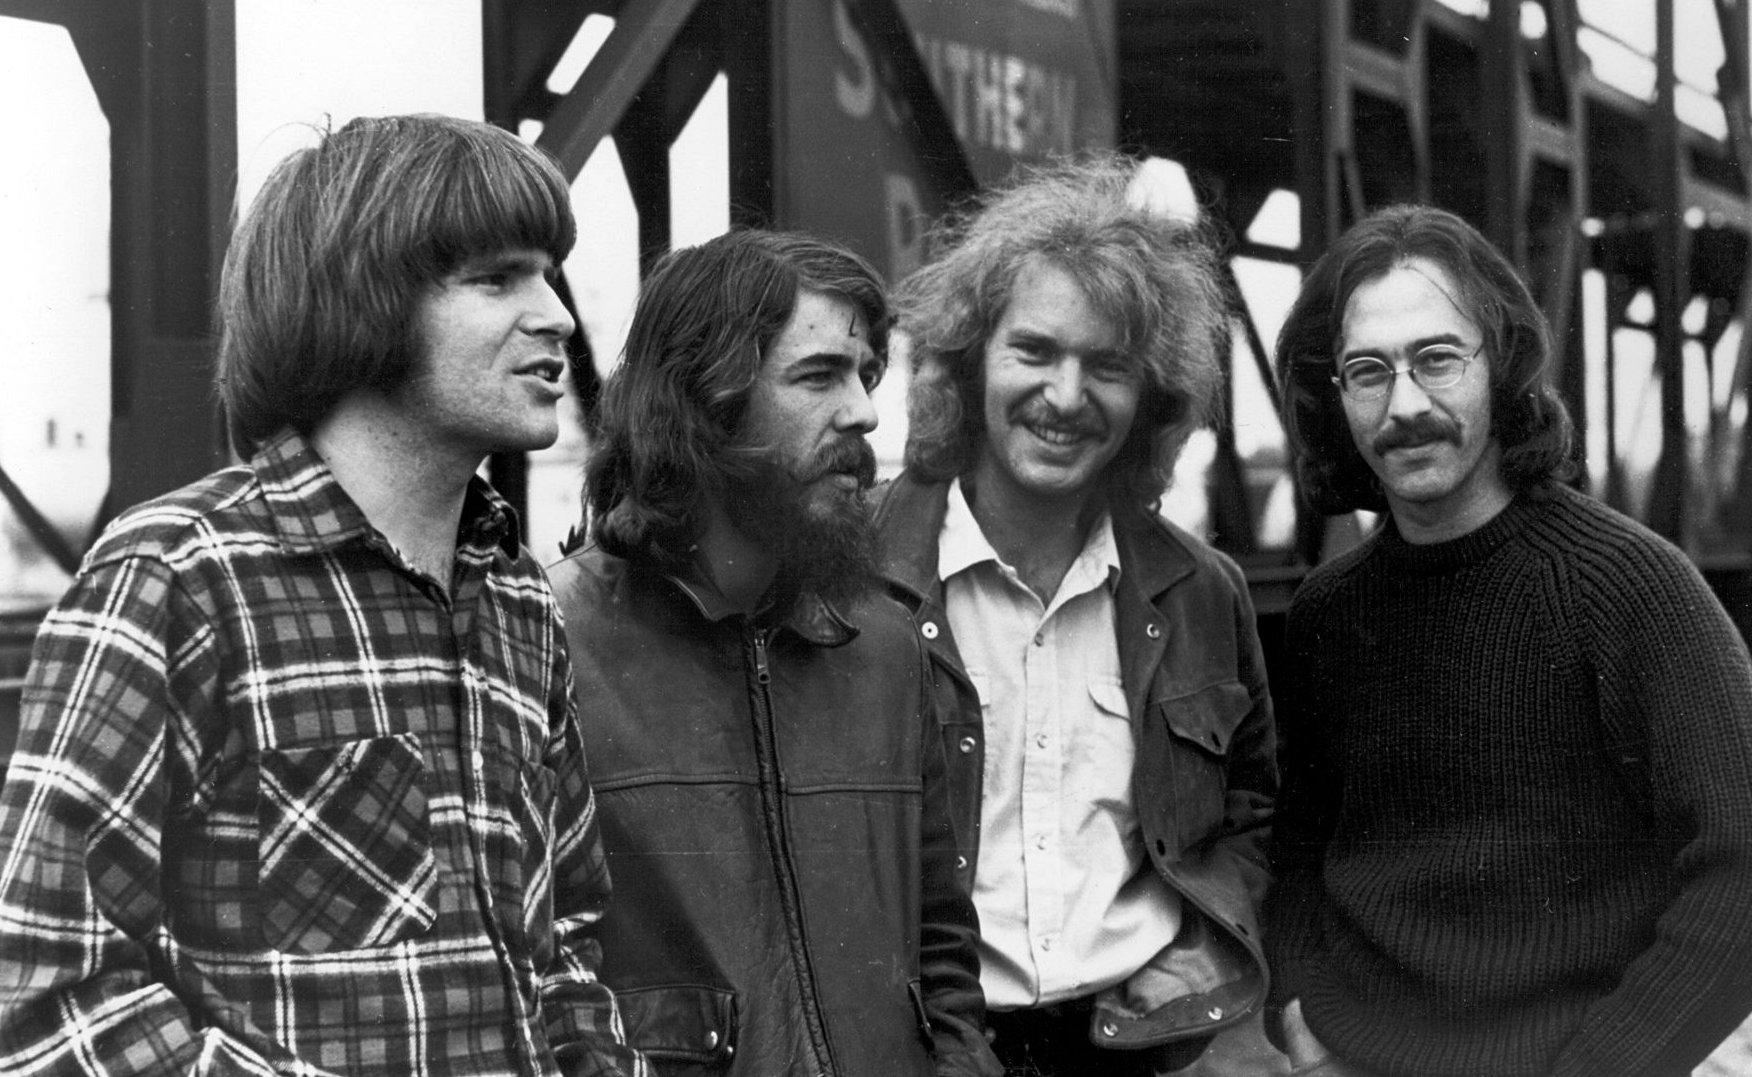 La Creedence Clearwater Revival, con John Fogerty (el primero por la izquierda) al frente